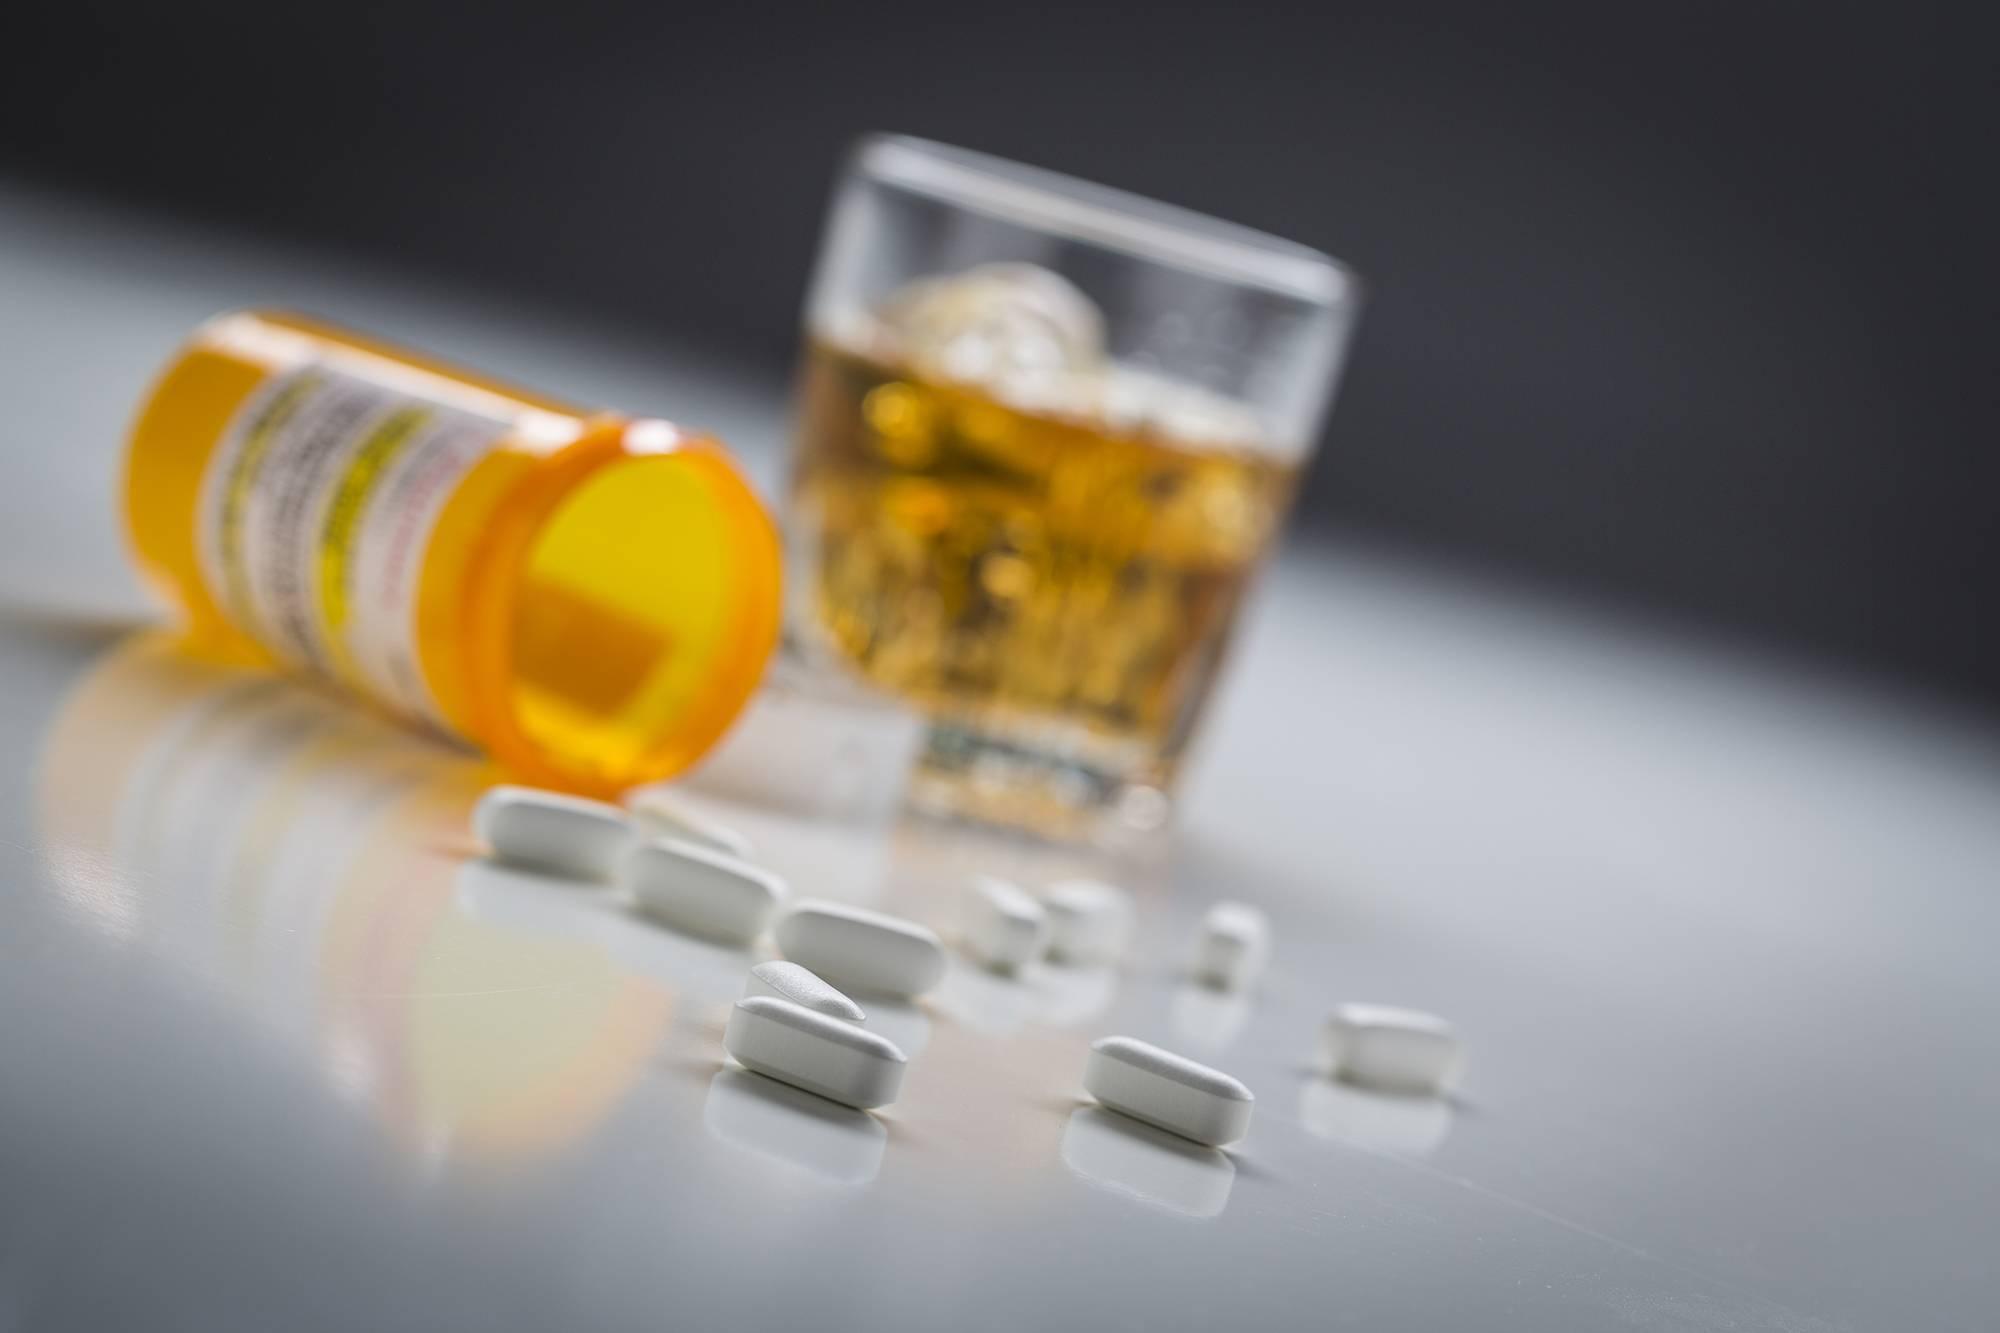 Насколько совместим линекс со спиртным?